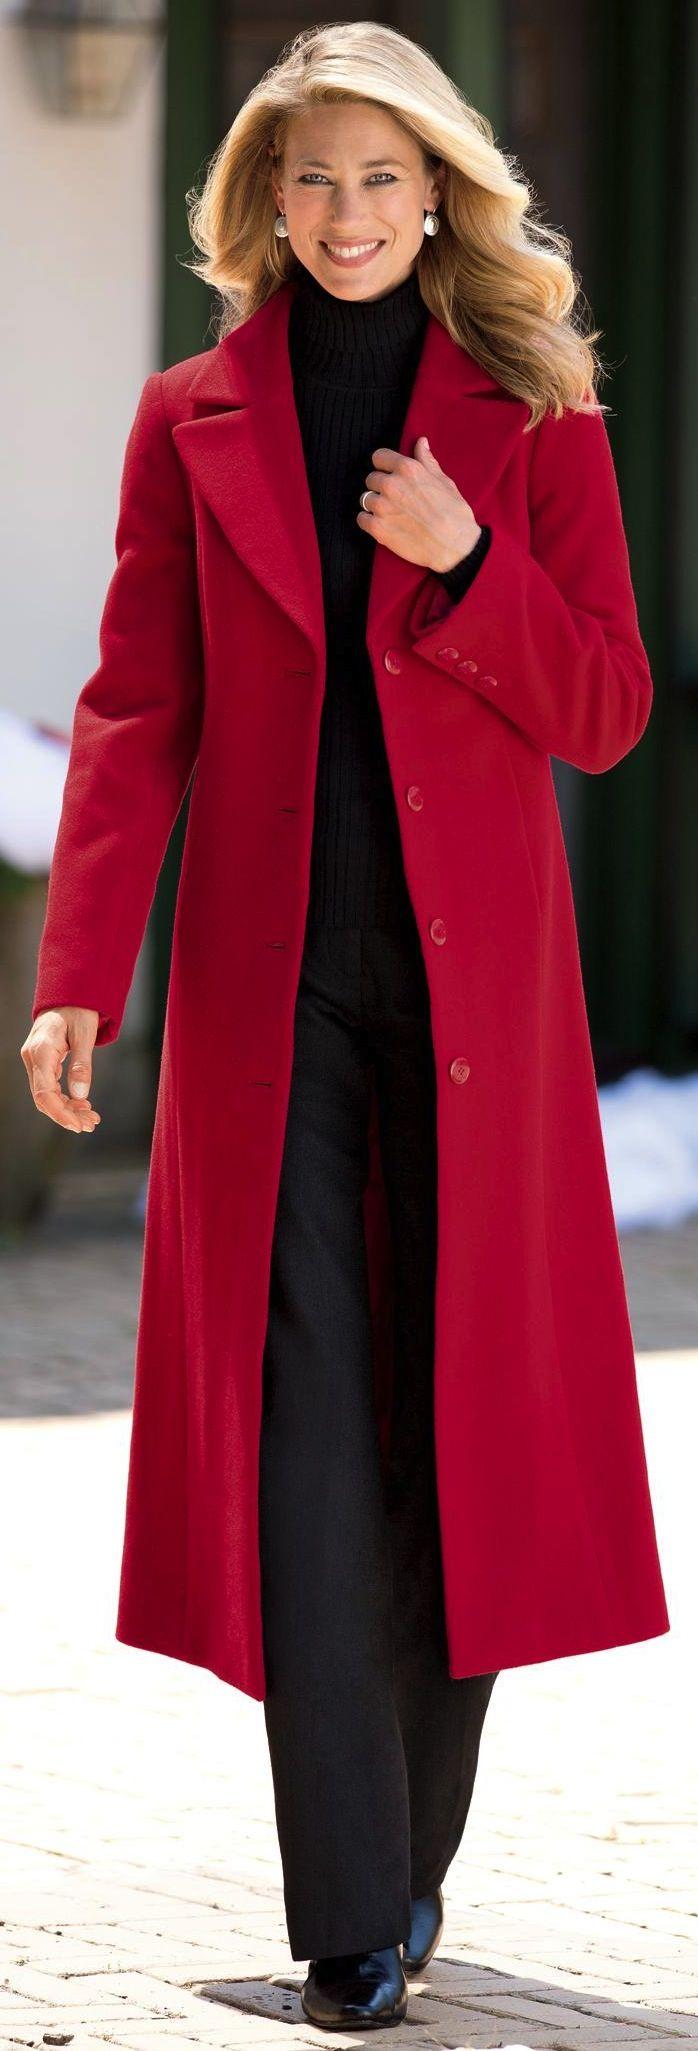 The Classic Long Coat Women S Sizes Women S Chadwicks Coats For Women Red Long Coat Long Coat Women